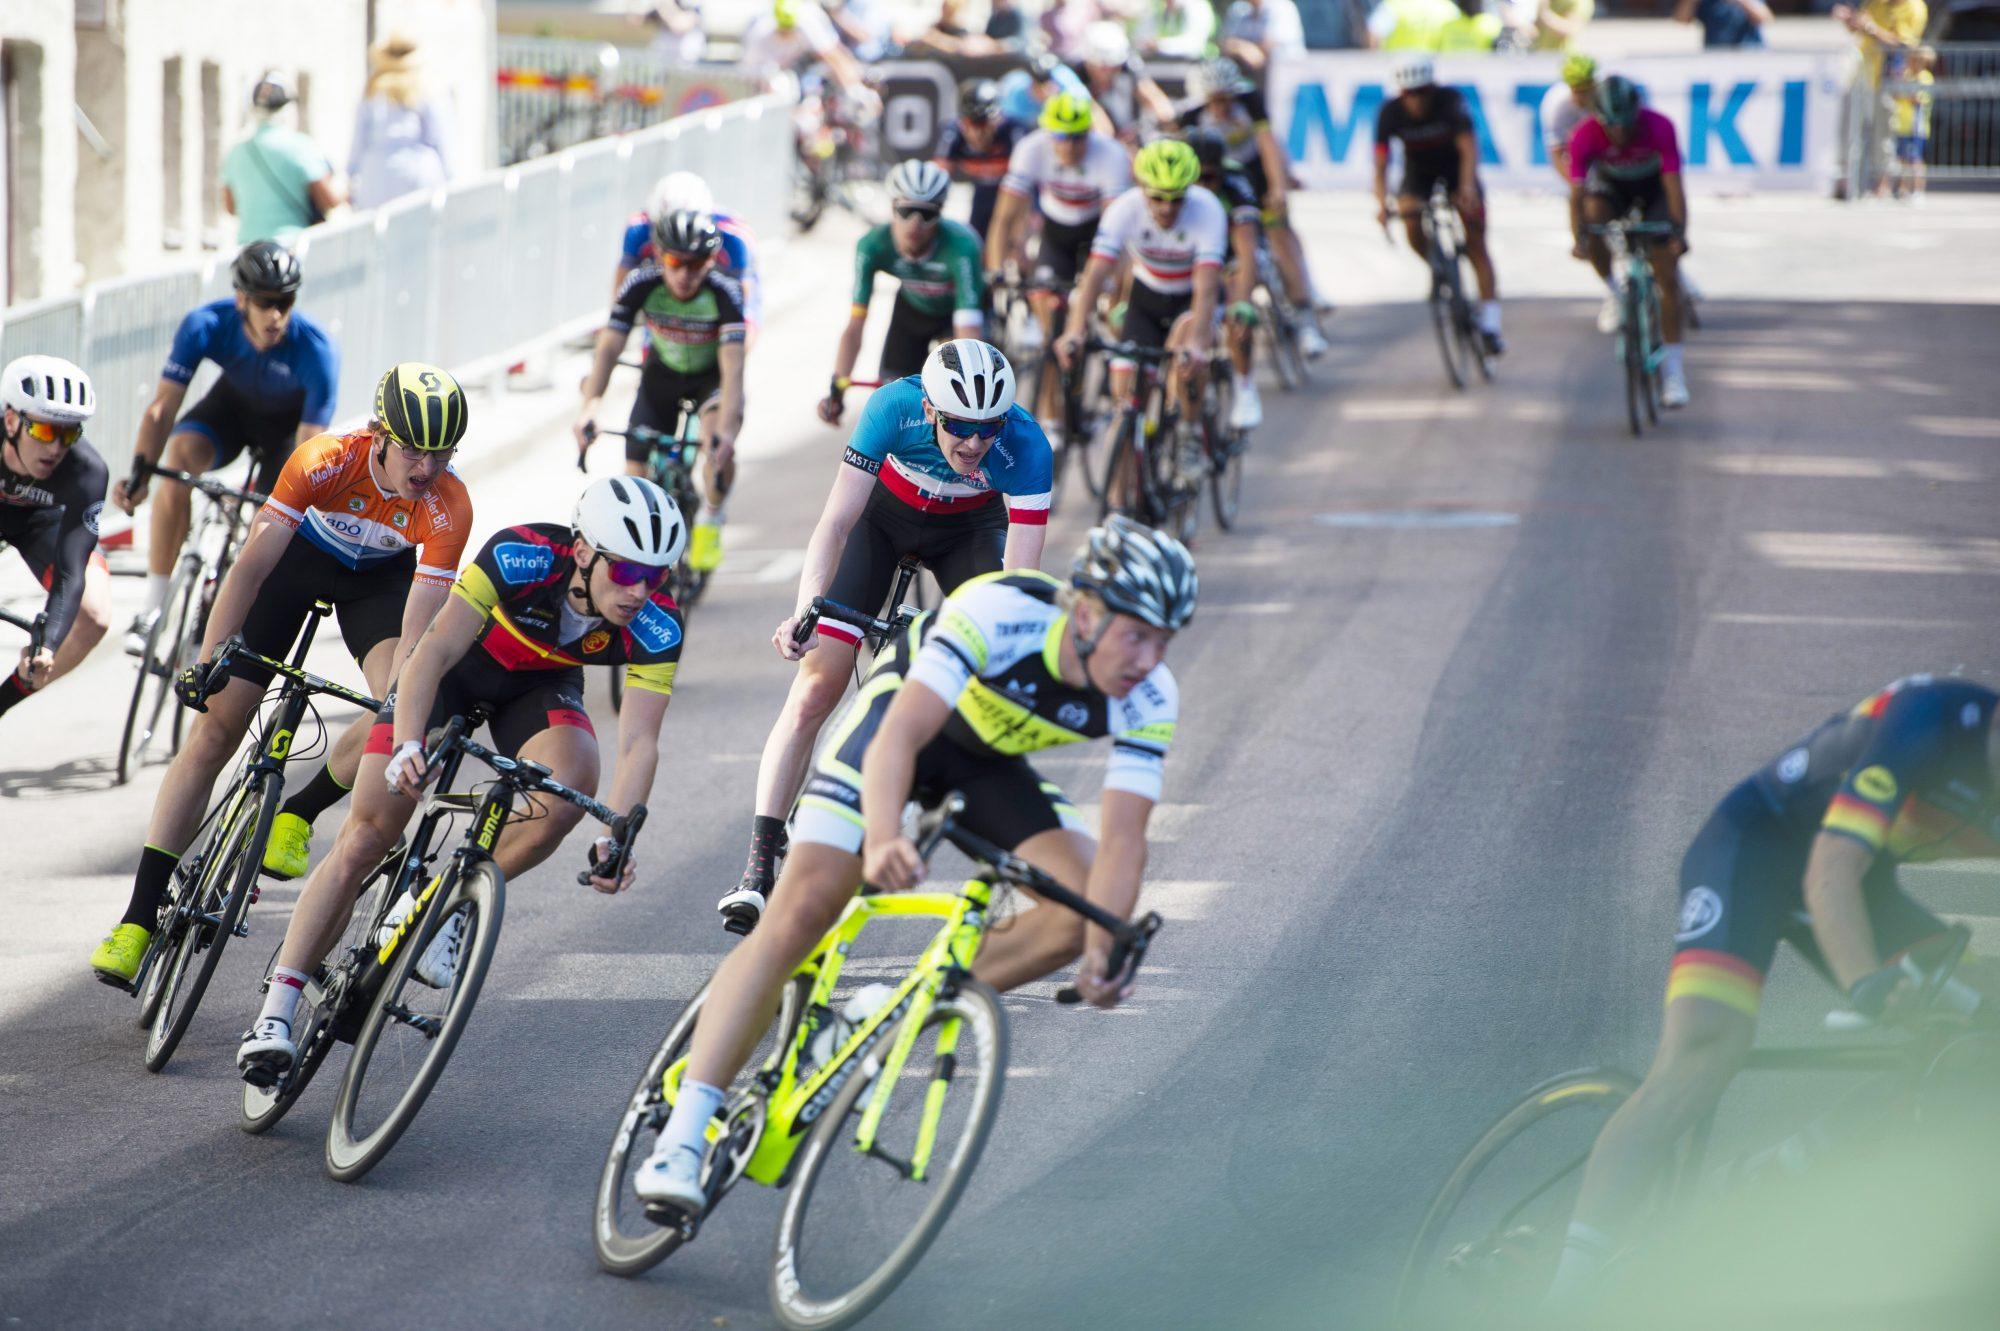 Utövare tävlar i cykel, kortbana, under dag 6 av SM-veckan 2018 den 7 juli 2018 i Helsingborg.